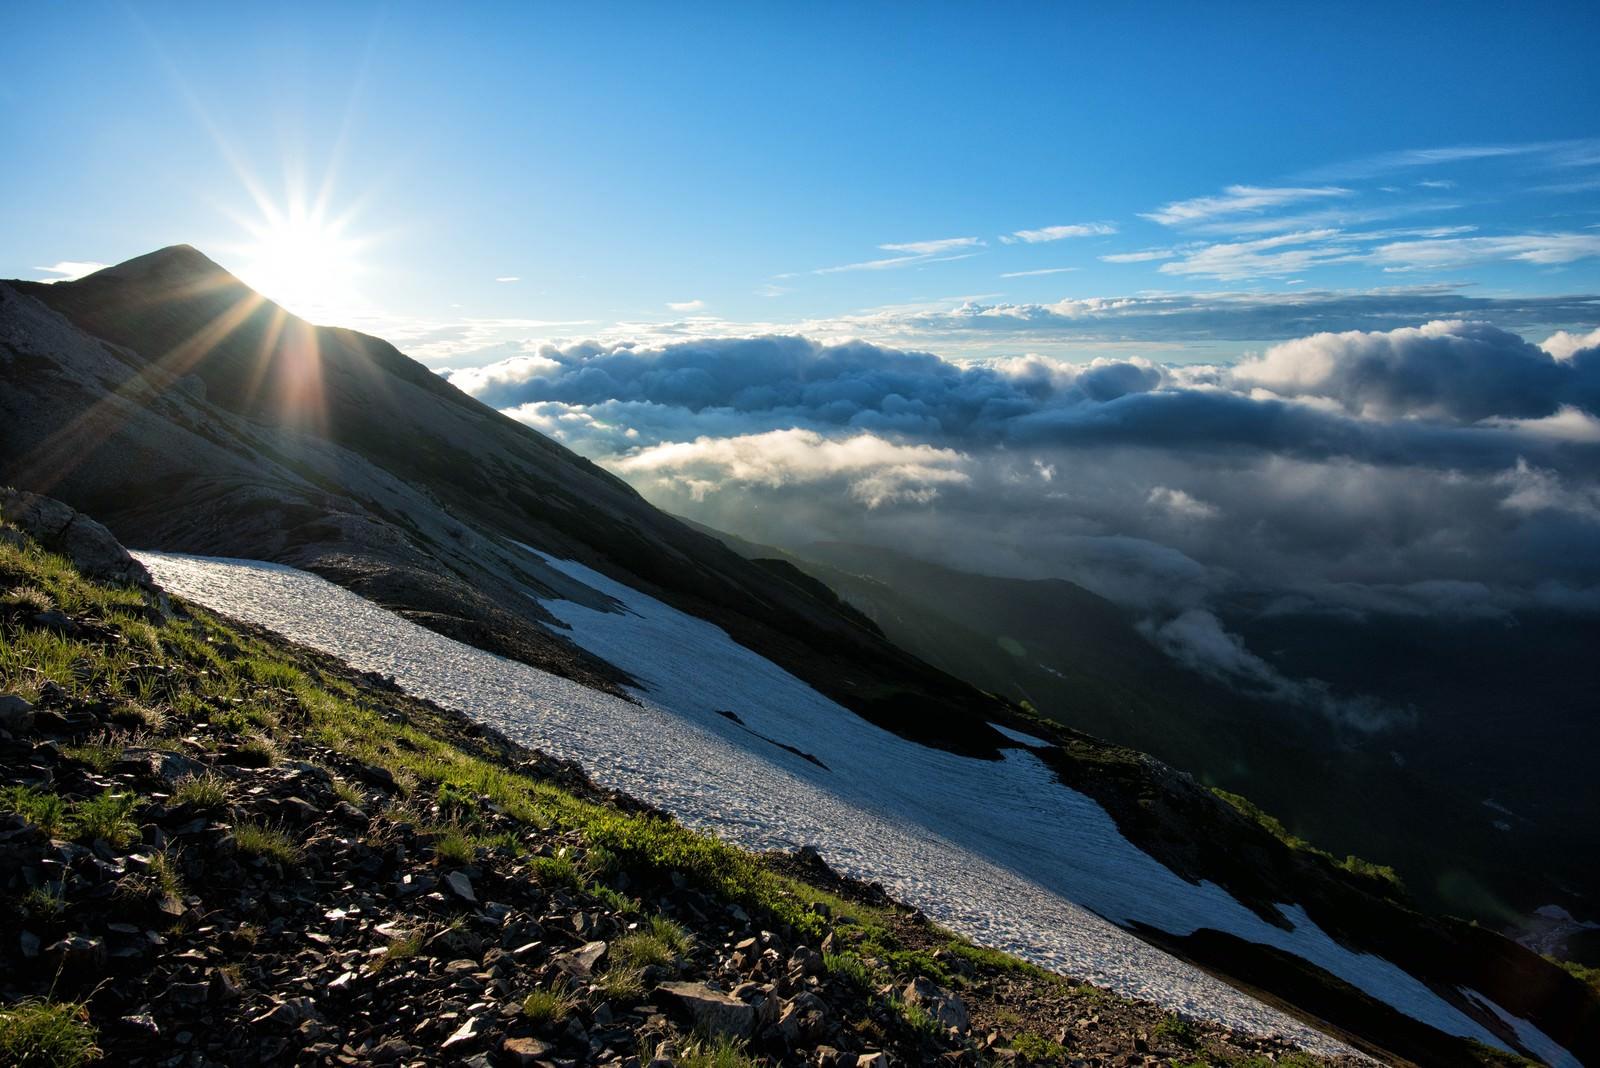 「北アルプスの稜線歩き | 写真の無料素材・フリー素材 - ぱくたそ」の写真